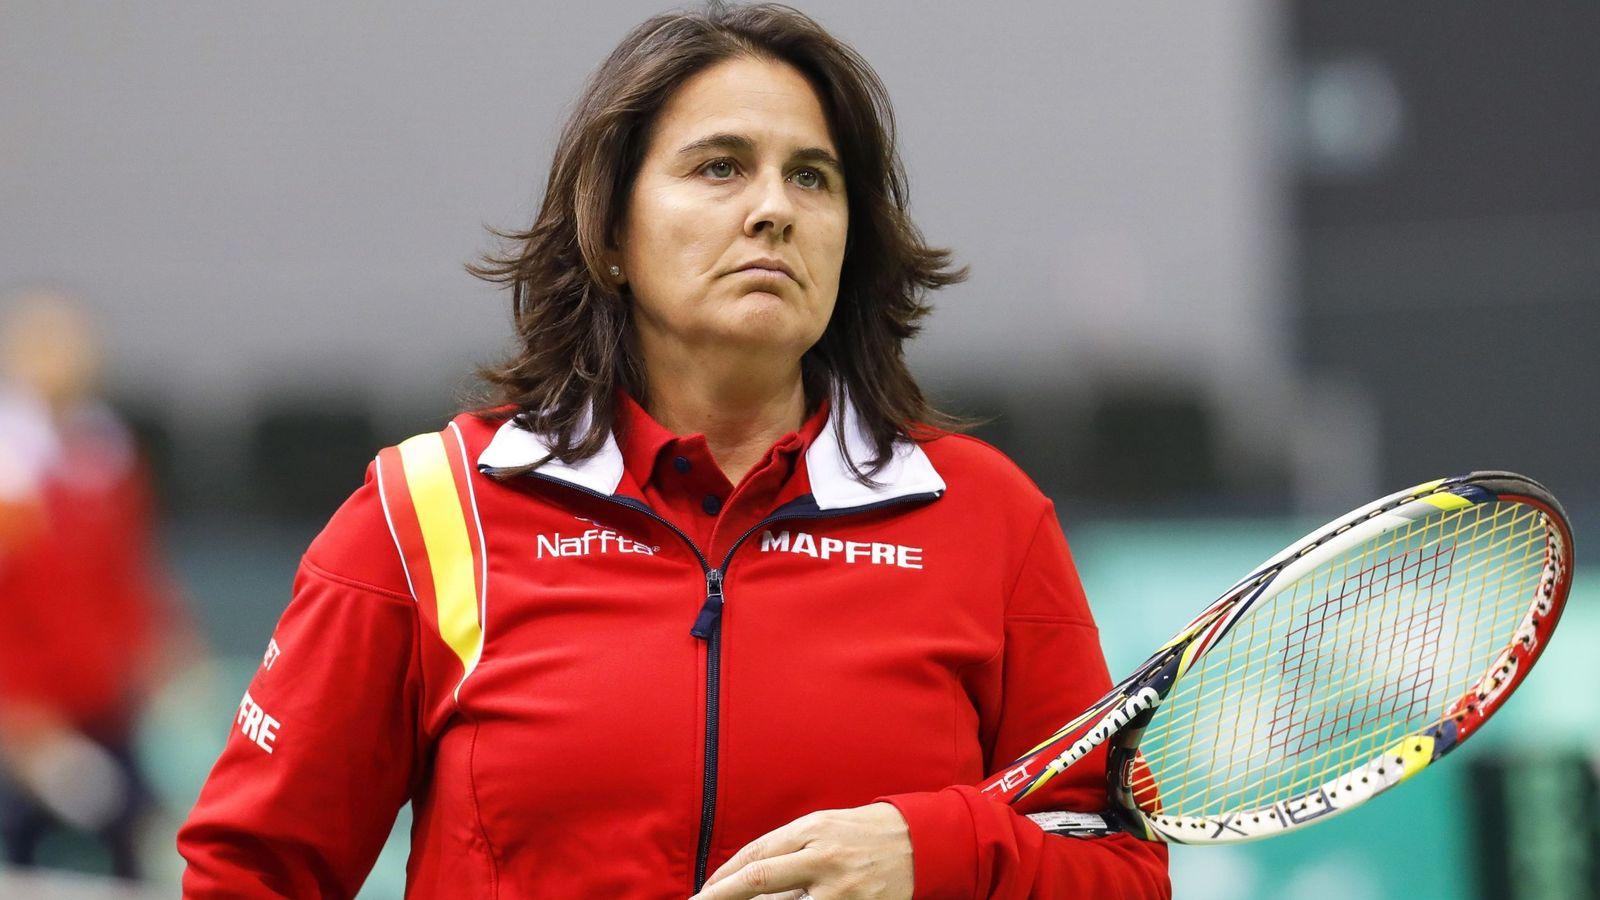 Foto: La federación destituyó a Conchita Martínez el pasado jueves. (EFE)